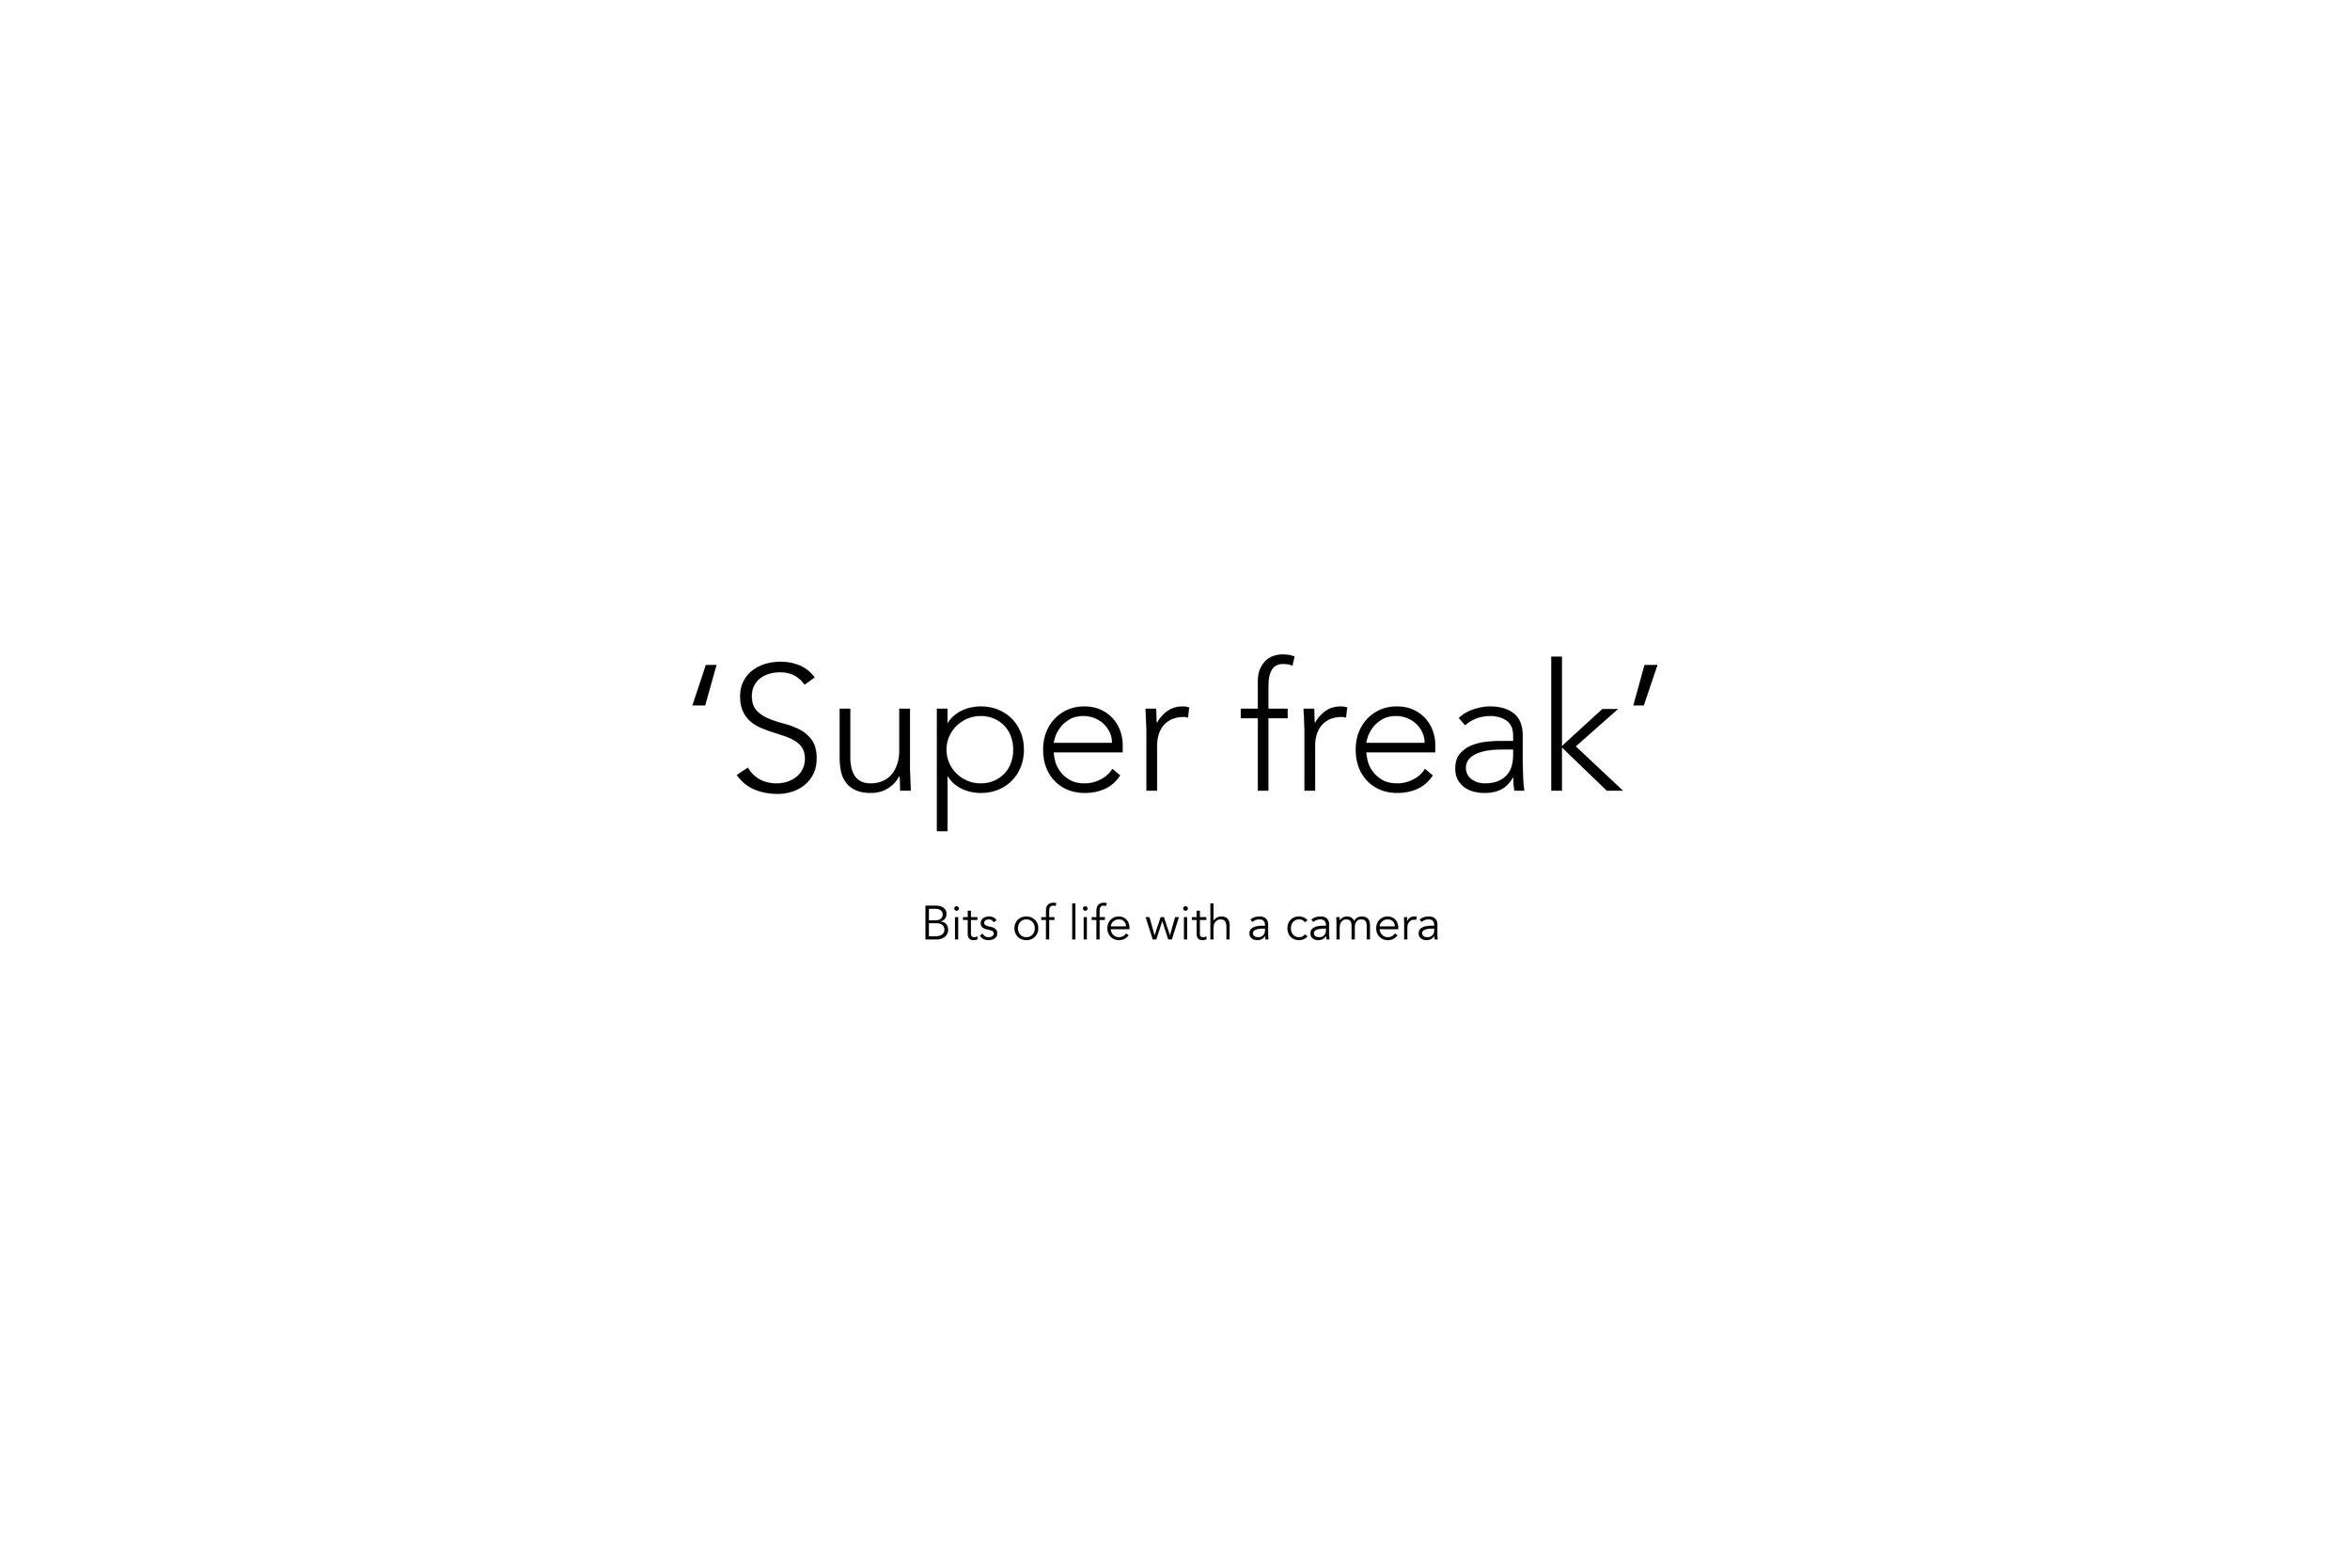 superfreak.jpg